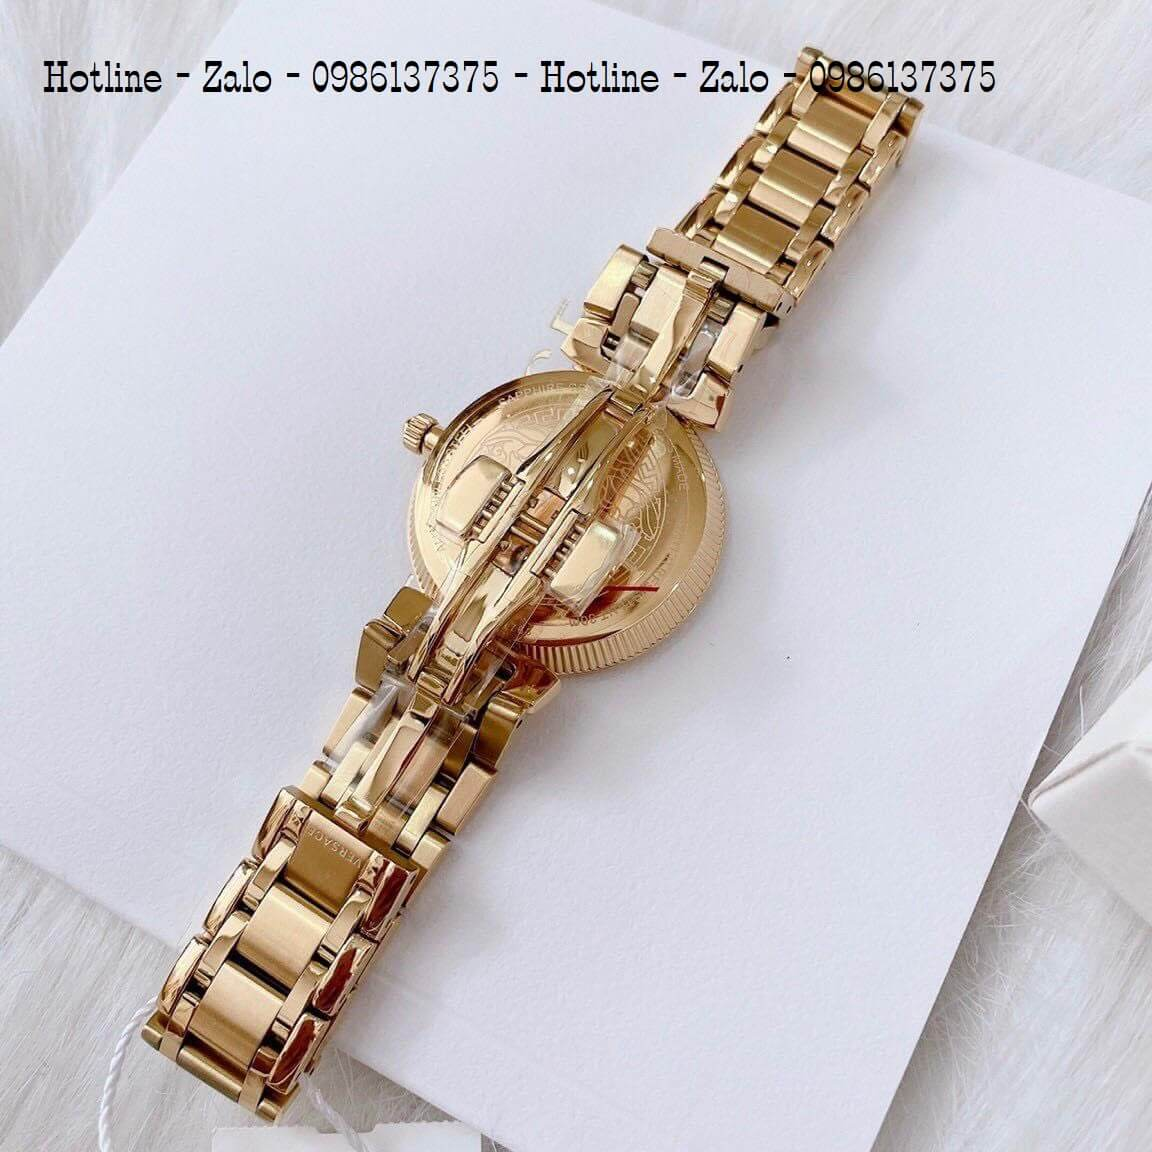 Đồng Hồ Cặp Versace Aion 44mm - Versace Daphnis 35mm - Vàng Đen